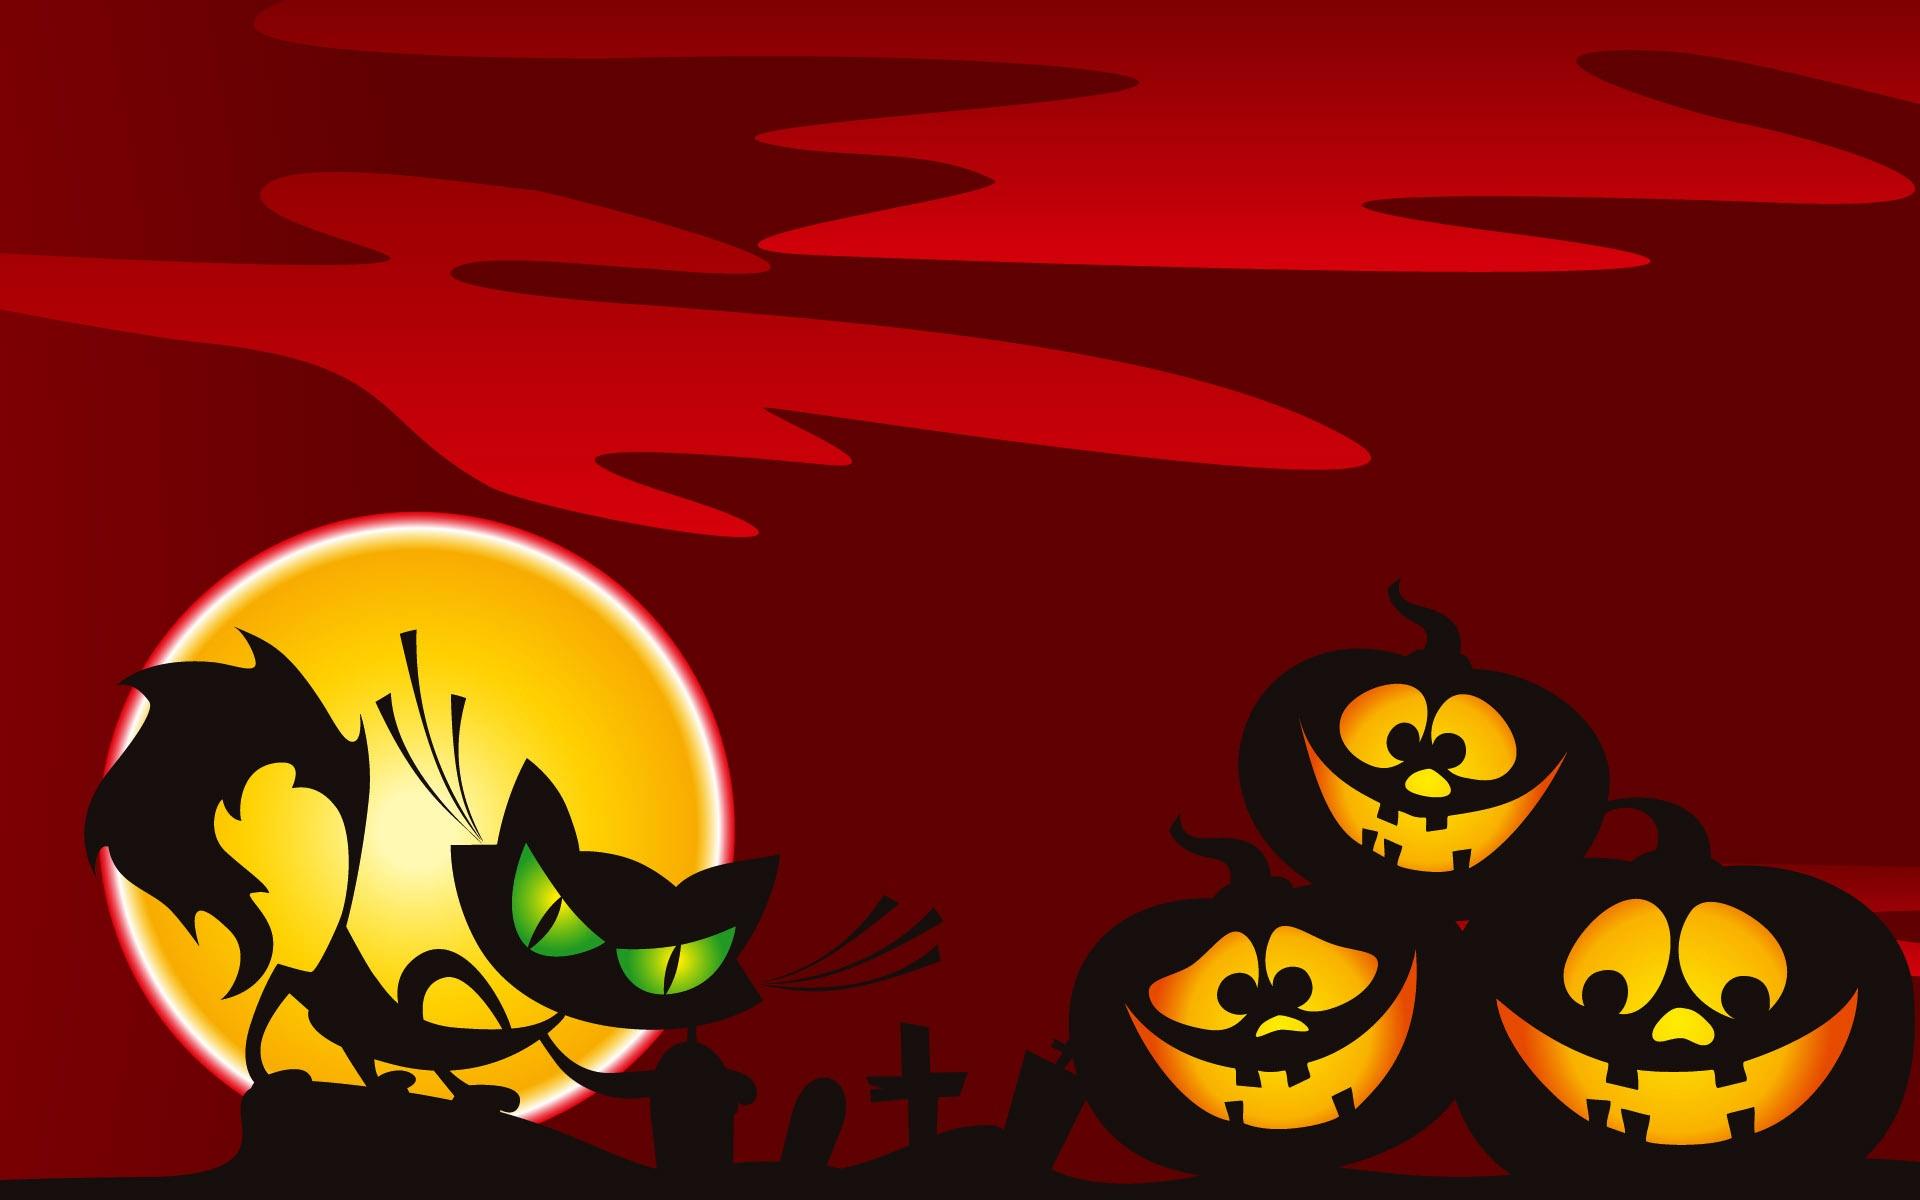 Imagenes Halloween Fondos De Halloween HD Wallpapers Download Free Images Wallpaper [1000image.com]